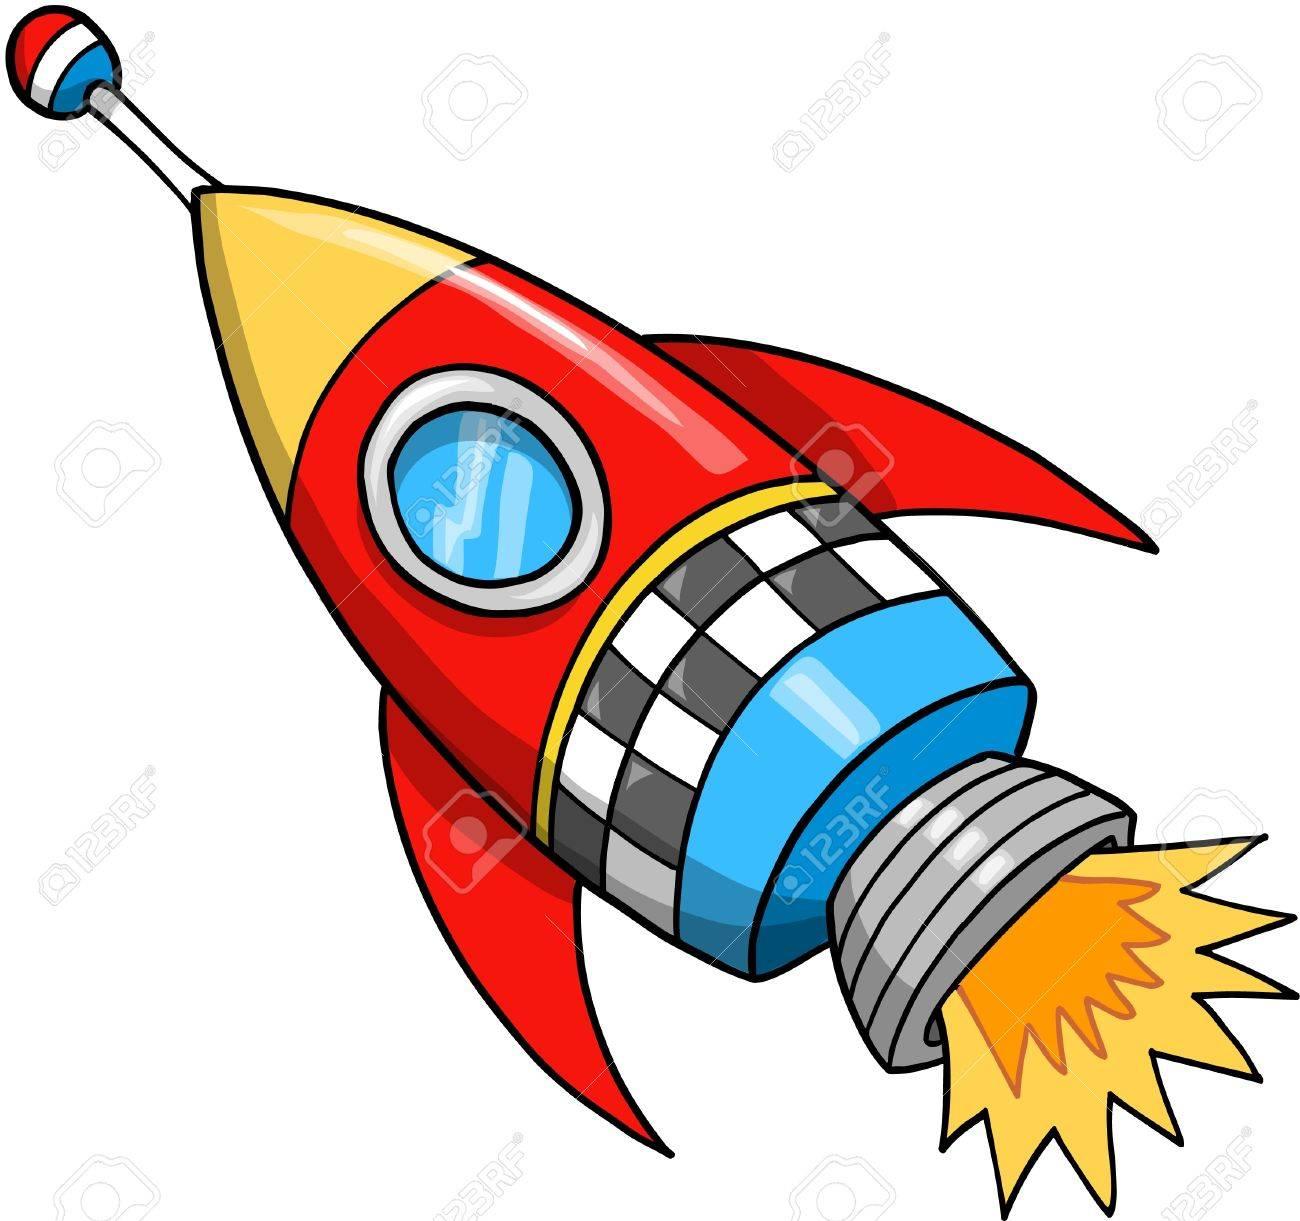 Cute Rocket Vector Illustration - 11655614